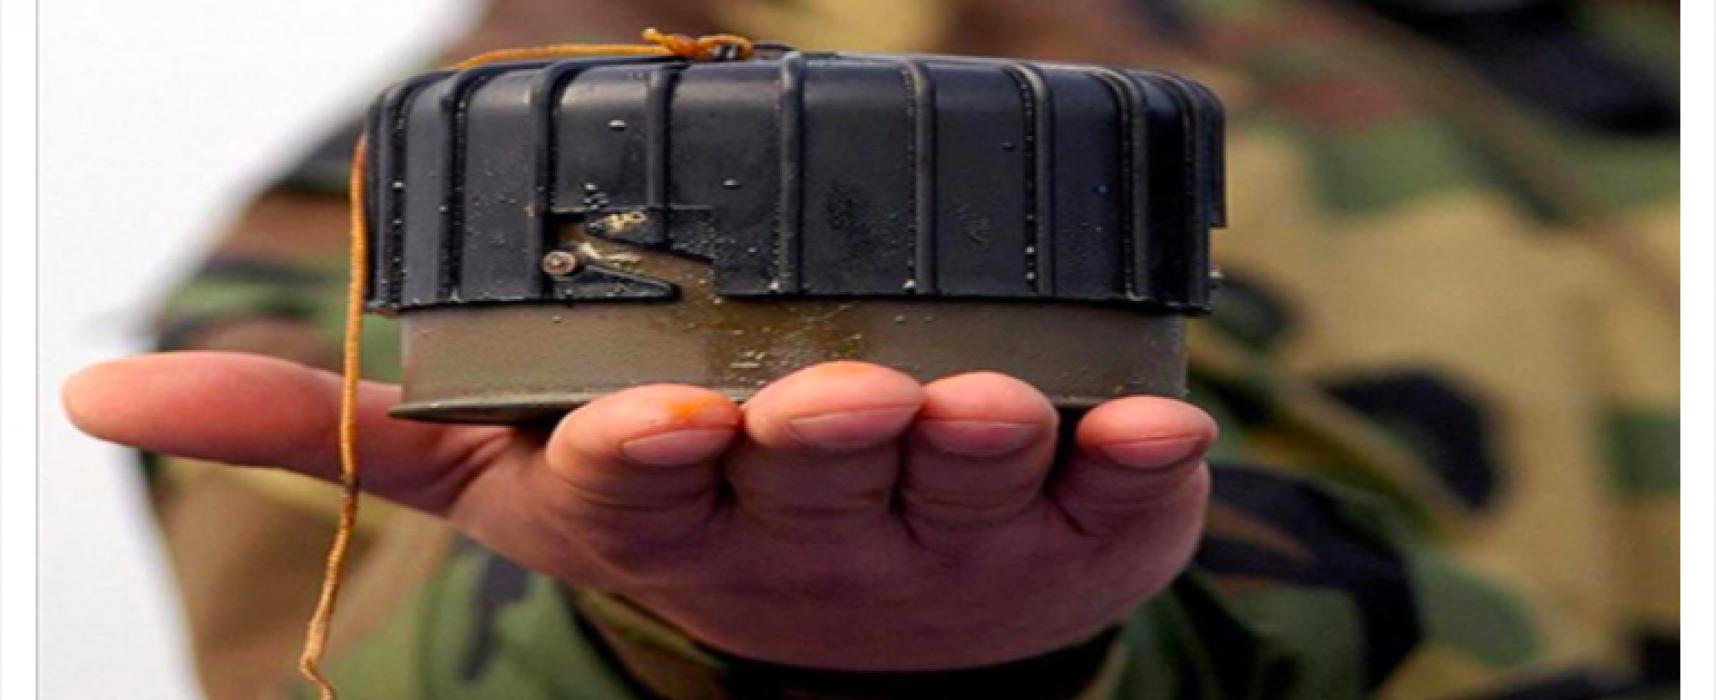 Verdad a medias de los medios en español sobre la muerte de tres niños en el Donbás tras la explosión de una mina antipersona